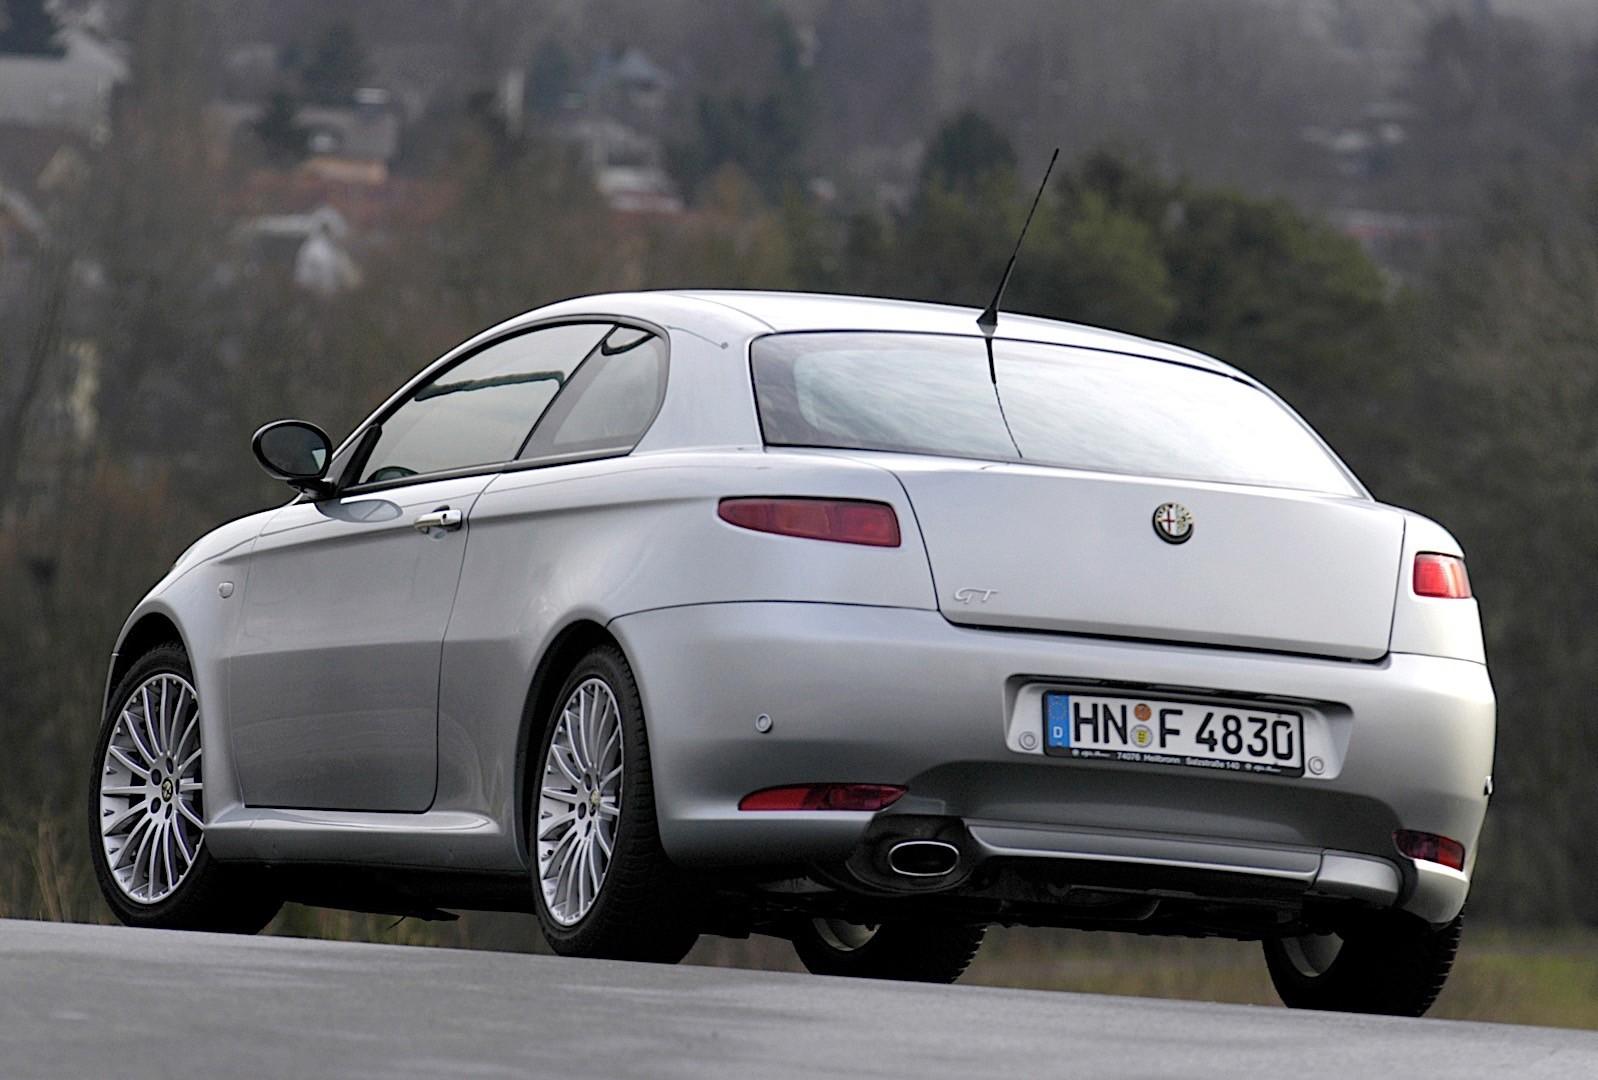 Alfa Romeo Gt Specs - 2003  2004  2005  2006  2007  2008  2009  2010